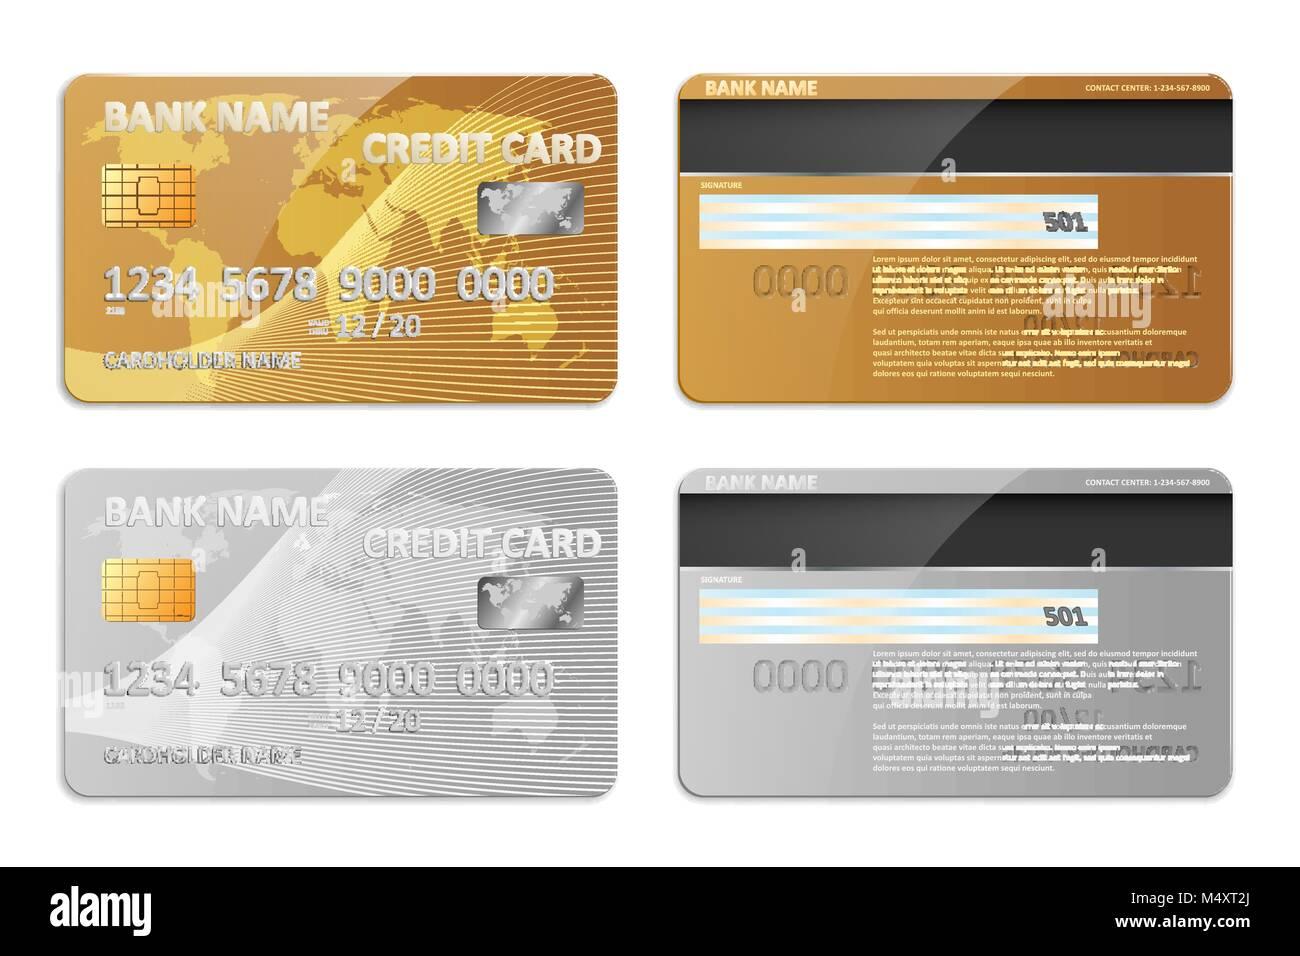 Carte Bancaire Avec Argent.L Or Et L Argent Realiste Modele De Carte De Credit Bancaire